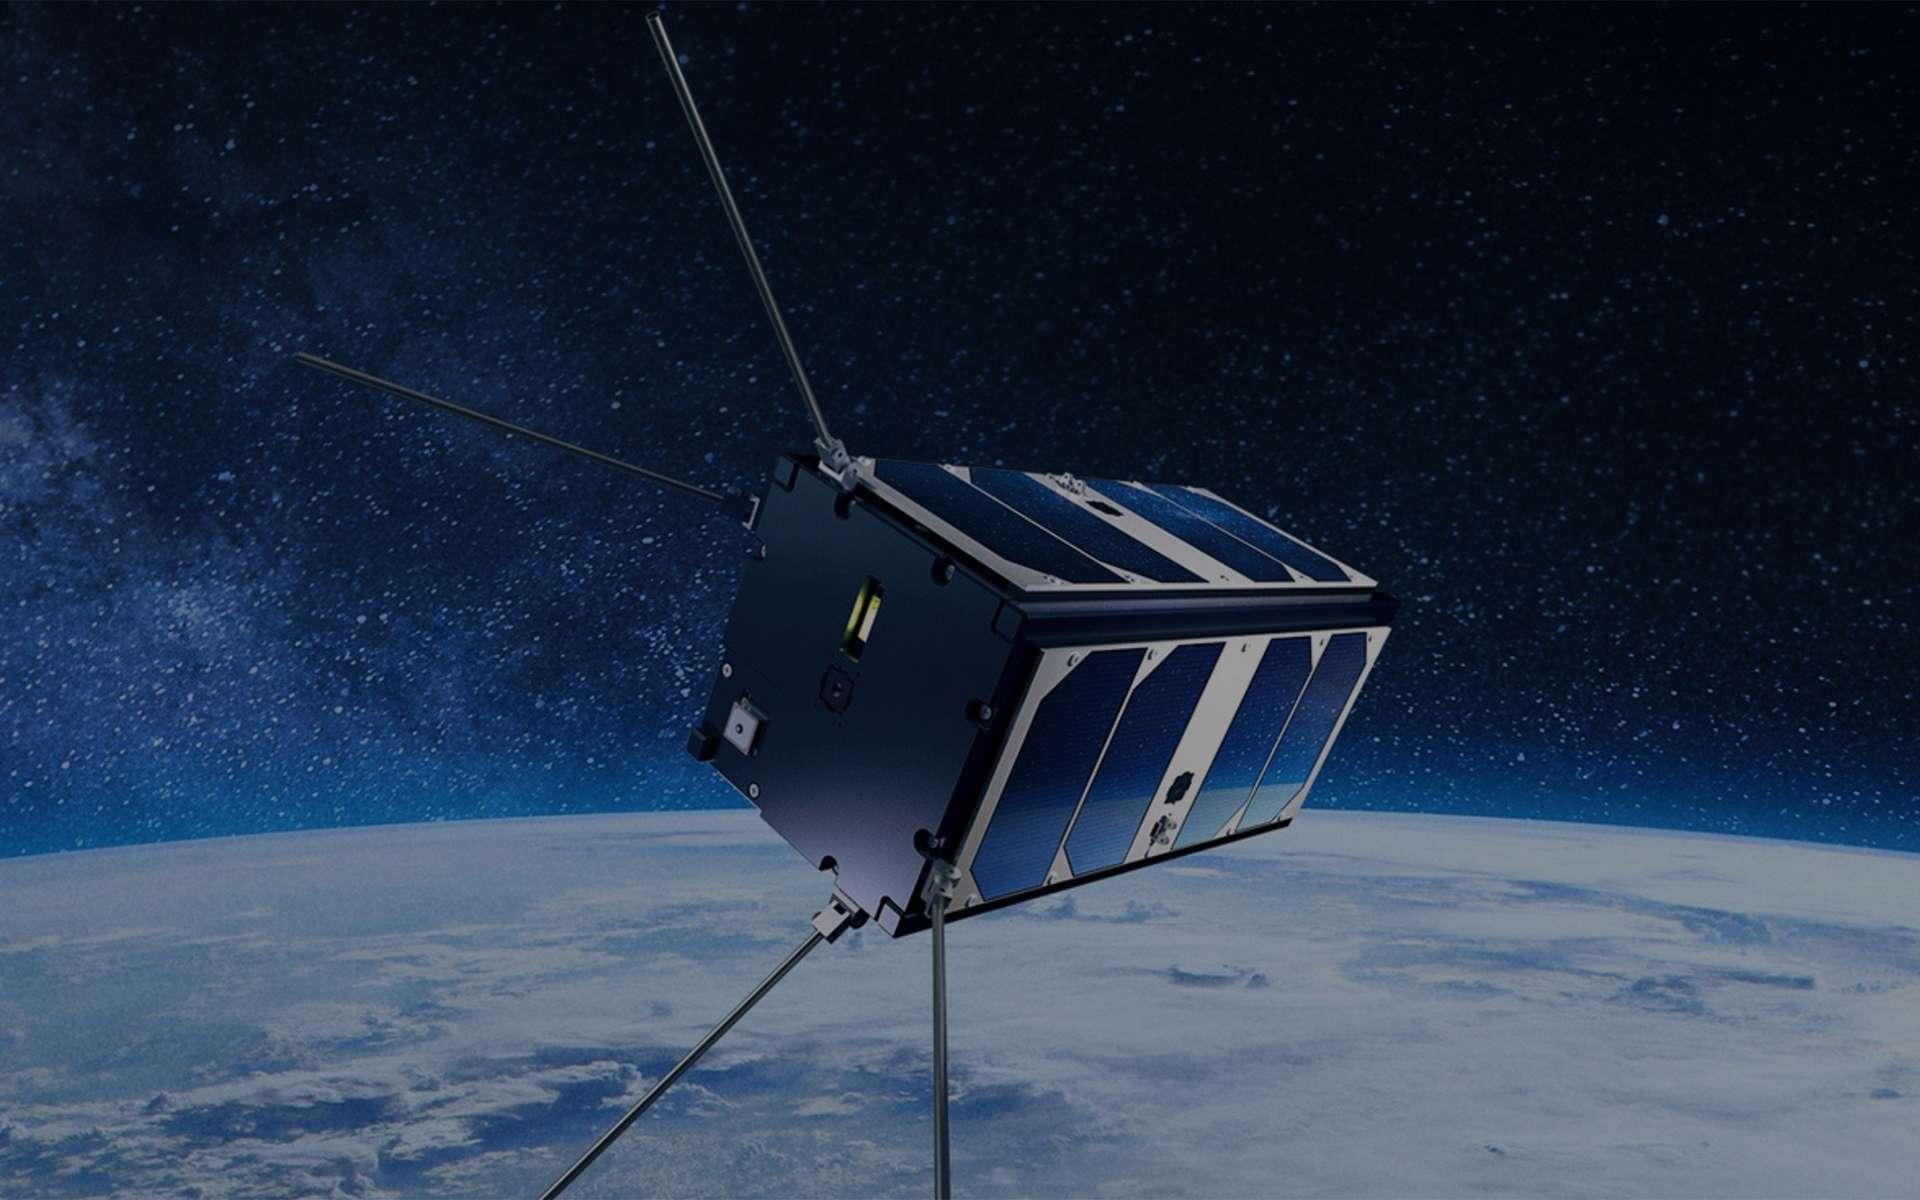 Vue d'artiste d'Aragosat-1, le satellite d'IPSA One réalisé par des étudiants de l'école d'ingénieurs en aéronautique et spatial (IPSA). © IPSA One